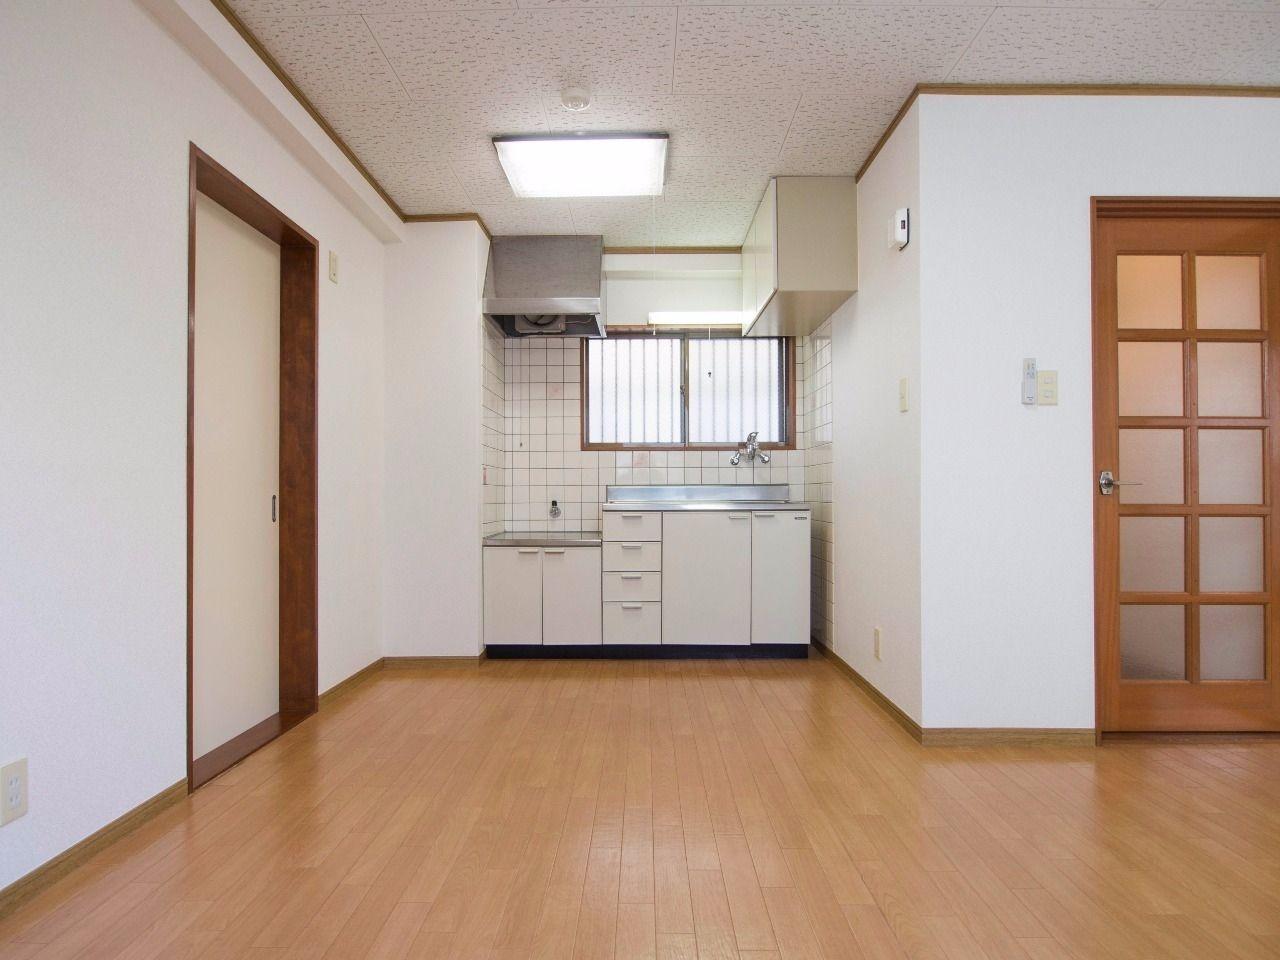 キッチン流し台の左側は冷蔵庫置場